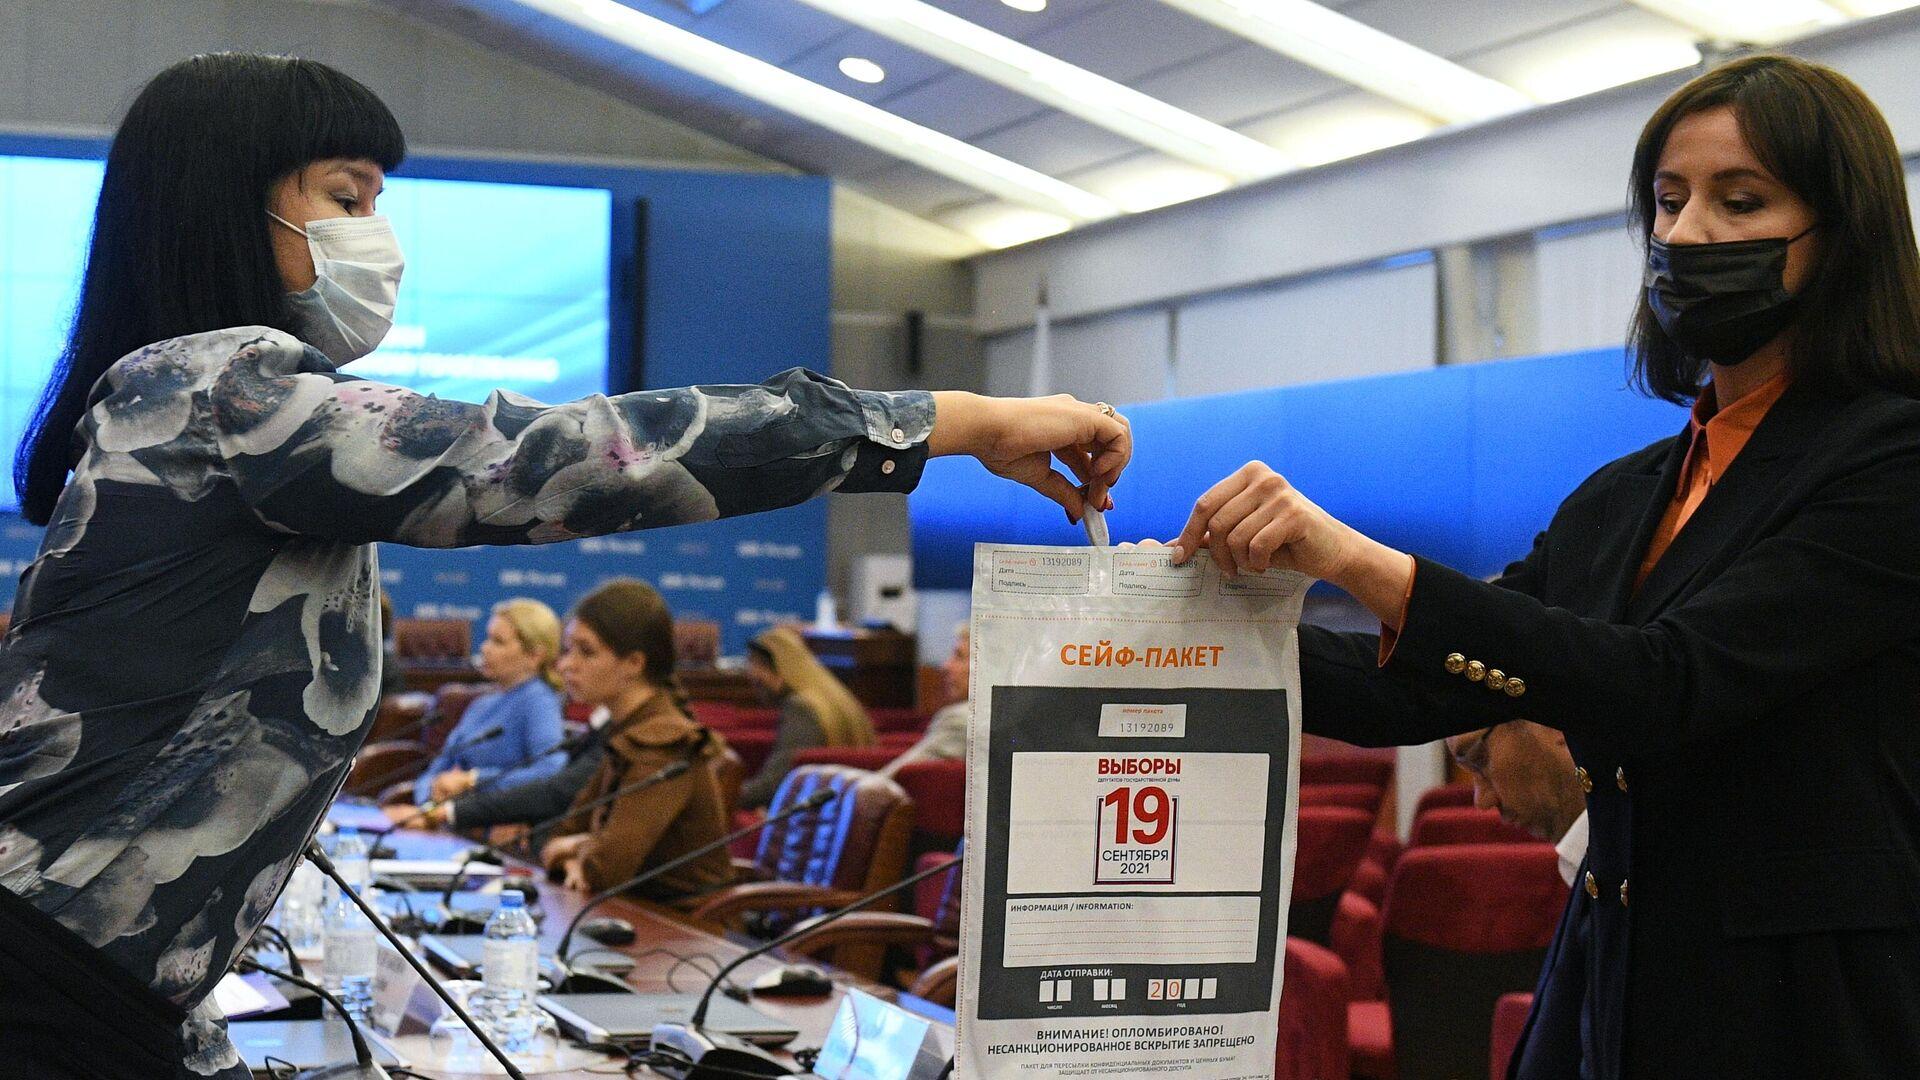 Во время демонстрации процедуры создания и разделения ключа для дистанционного электронного голосования (ДЭГ) в Центральной избирательной комиссии РФ в Москве - РИА Новости, 1920, 15.09.2021